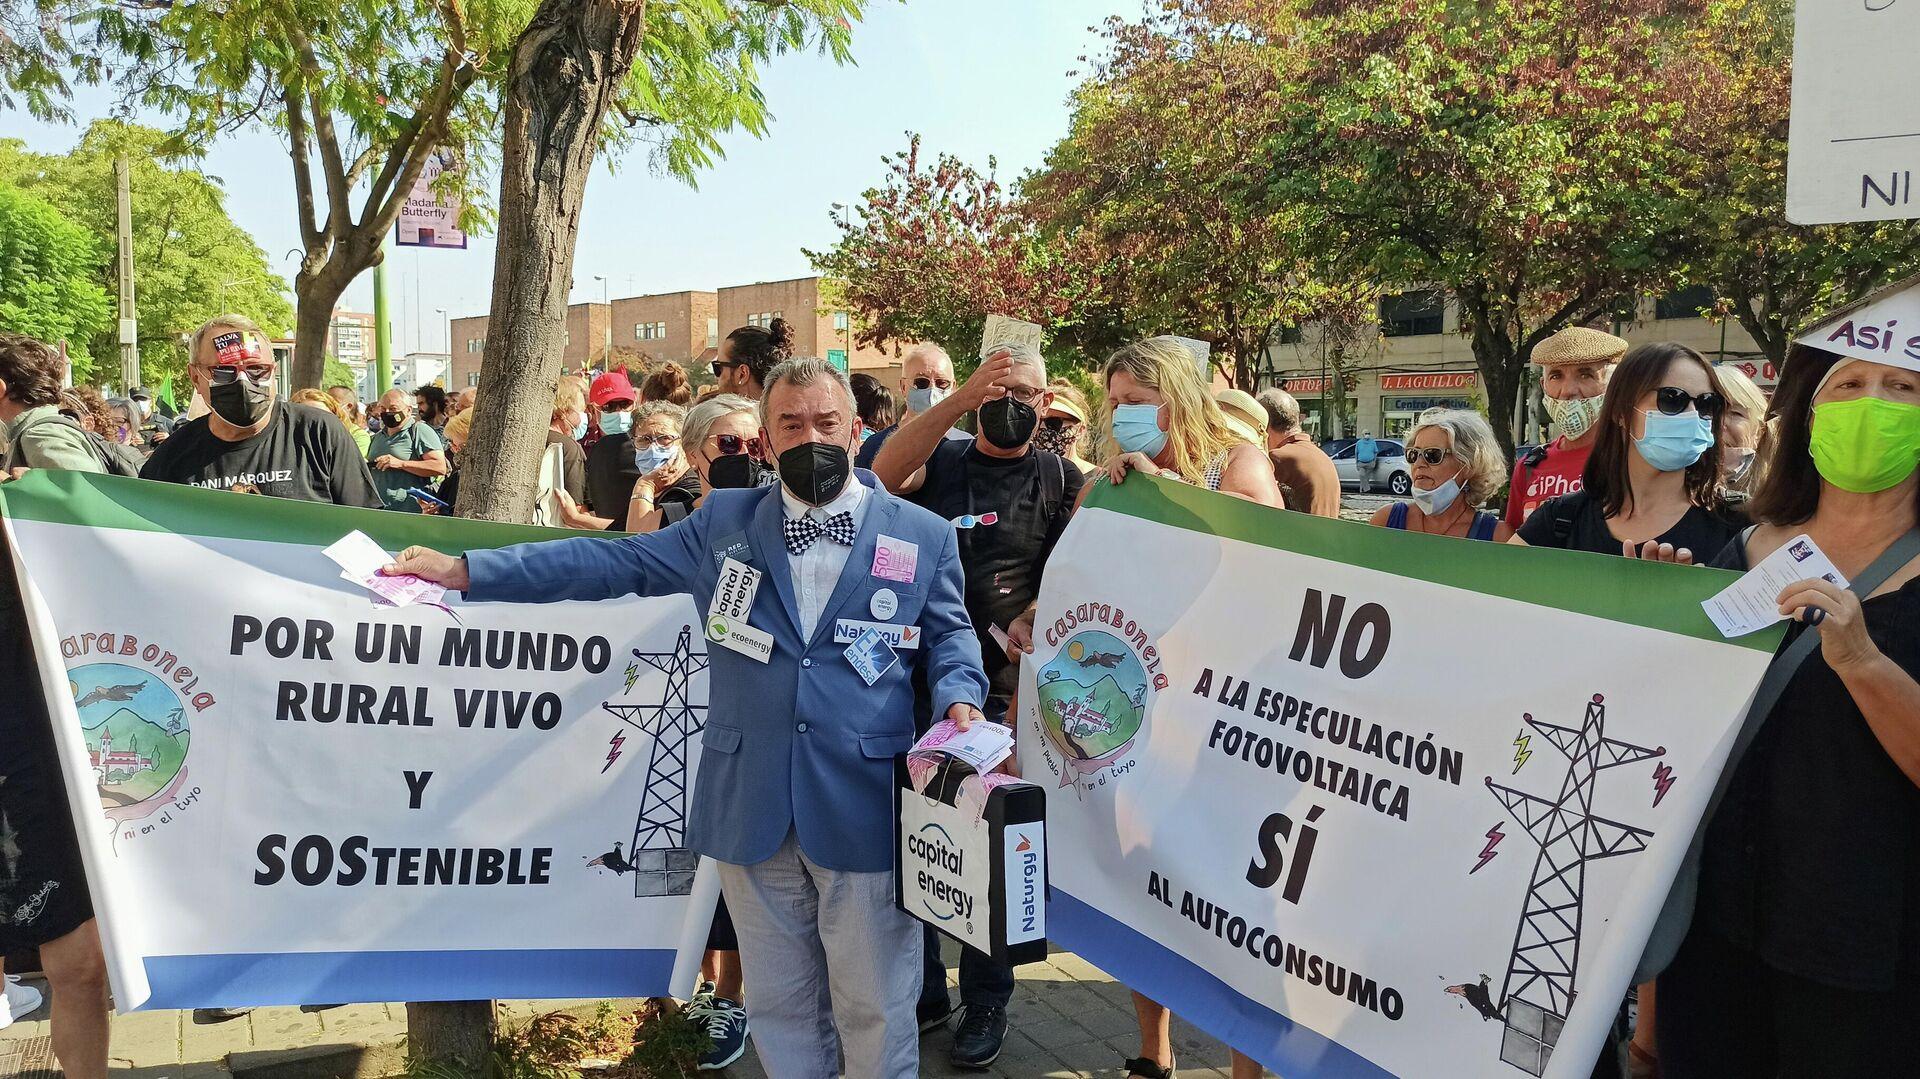 Las protestas contra el ecopostureo del 'boom solar' en Andalucía - Sputnik Mundo, 1920, 30.09.2021